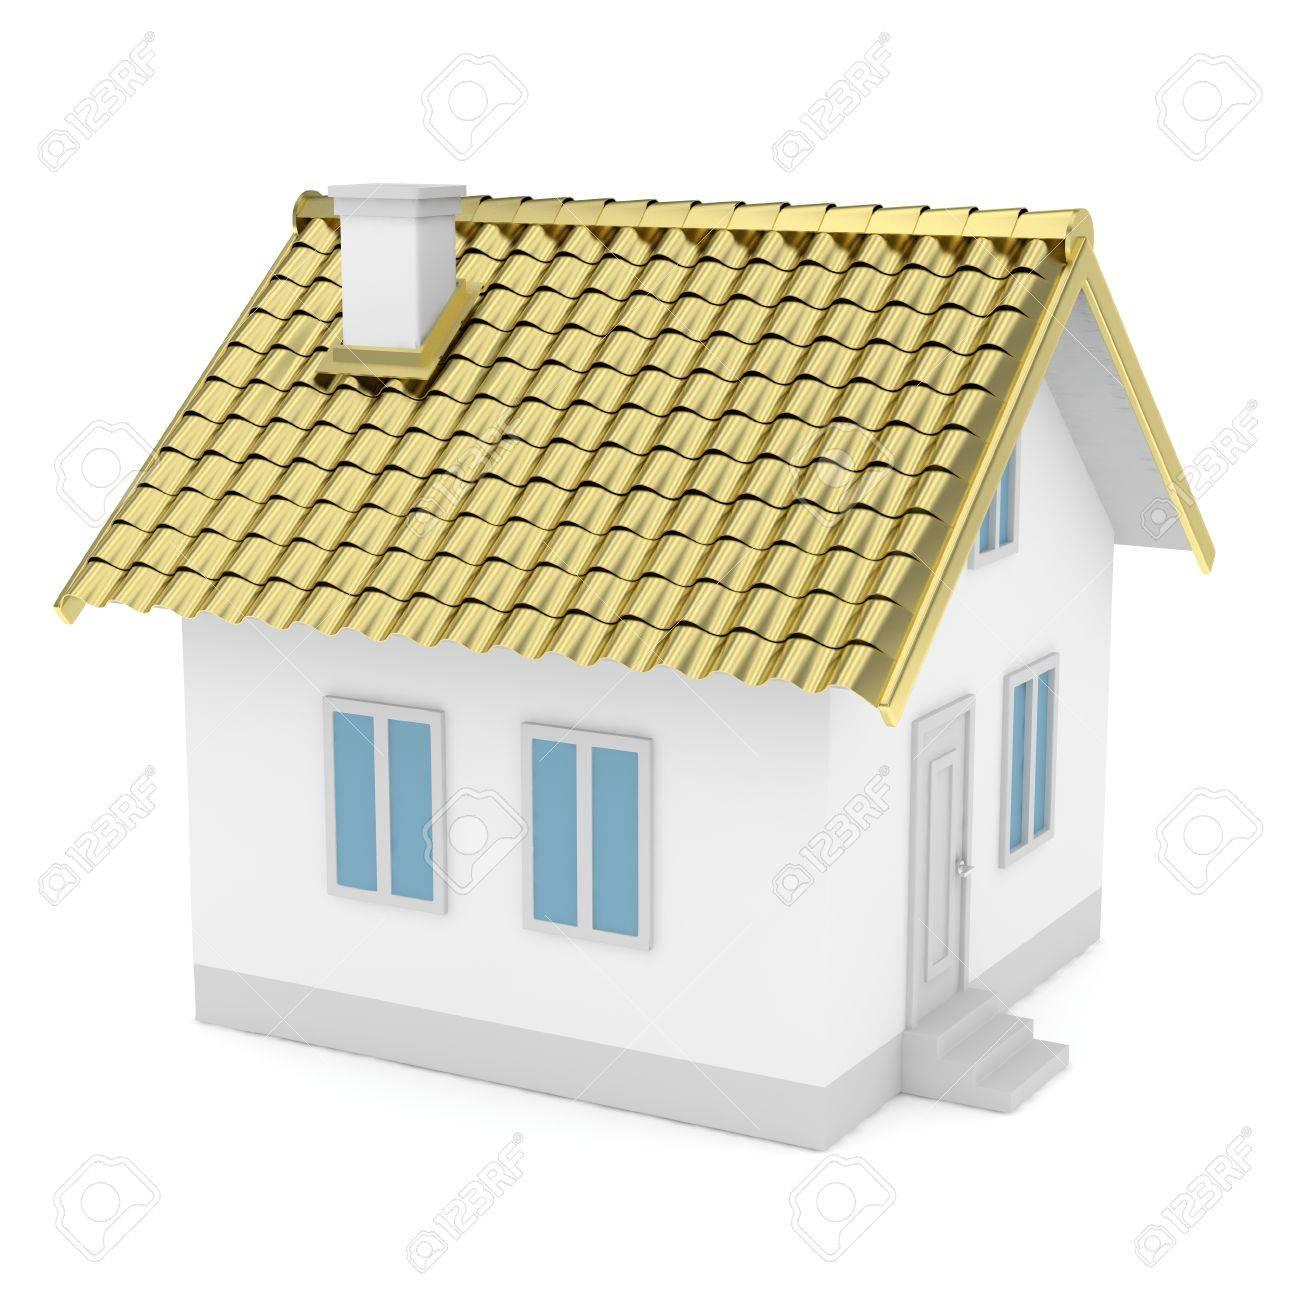 Weiß Einfaches Haus Mit Goldenen Dach Auf Weißem Hintergrund ...